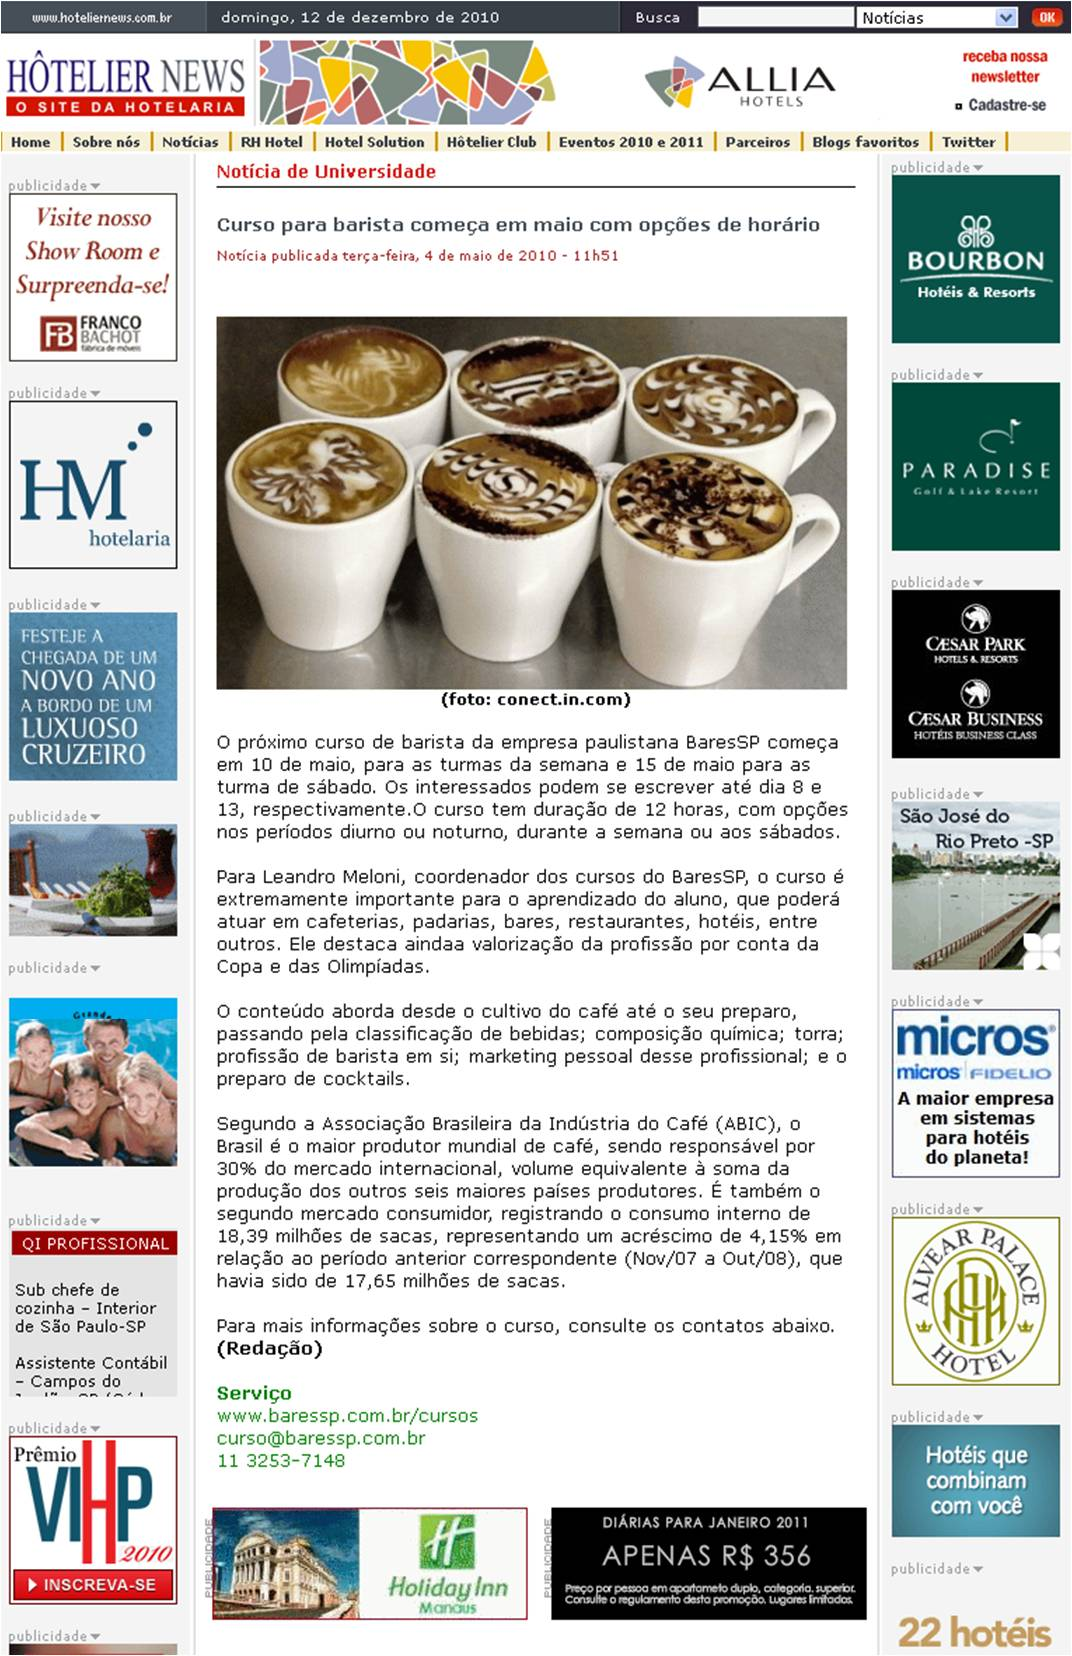 Curso de baristas no Site Hotelier News BaresSP image